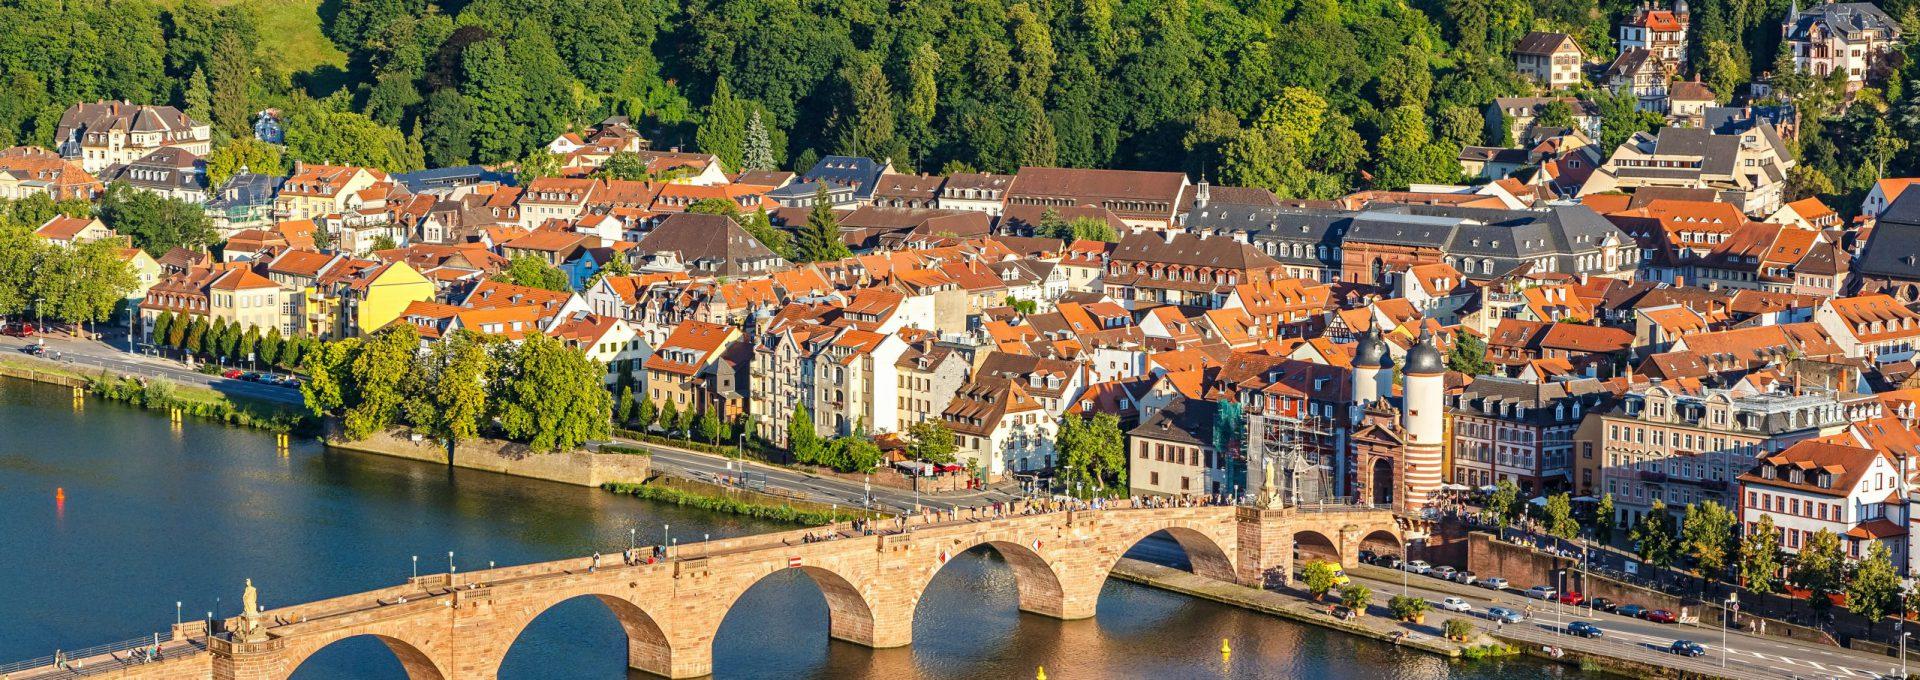 Ihr Ansprechpartner für Baufinanzierung in Heidelberg